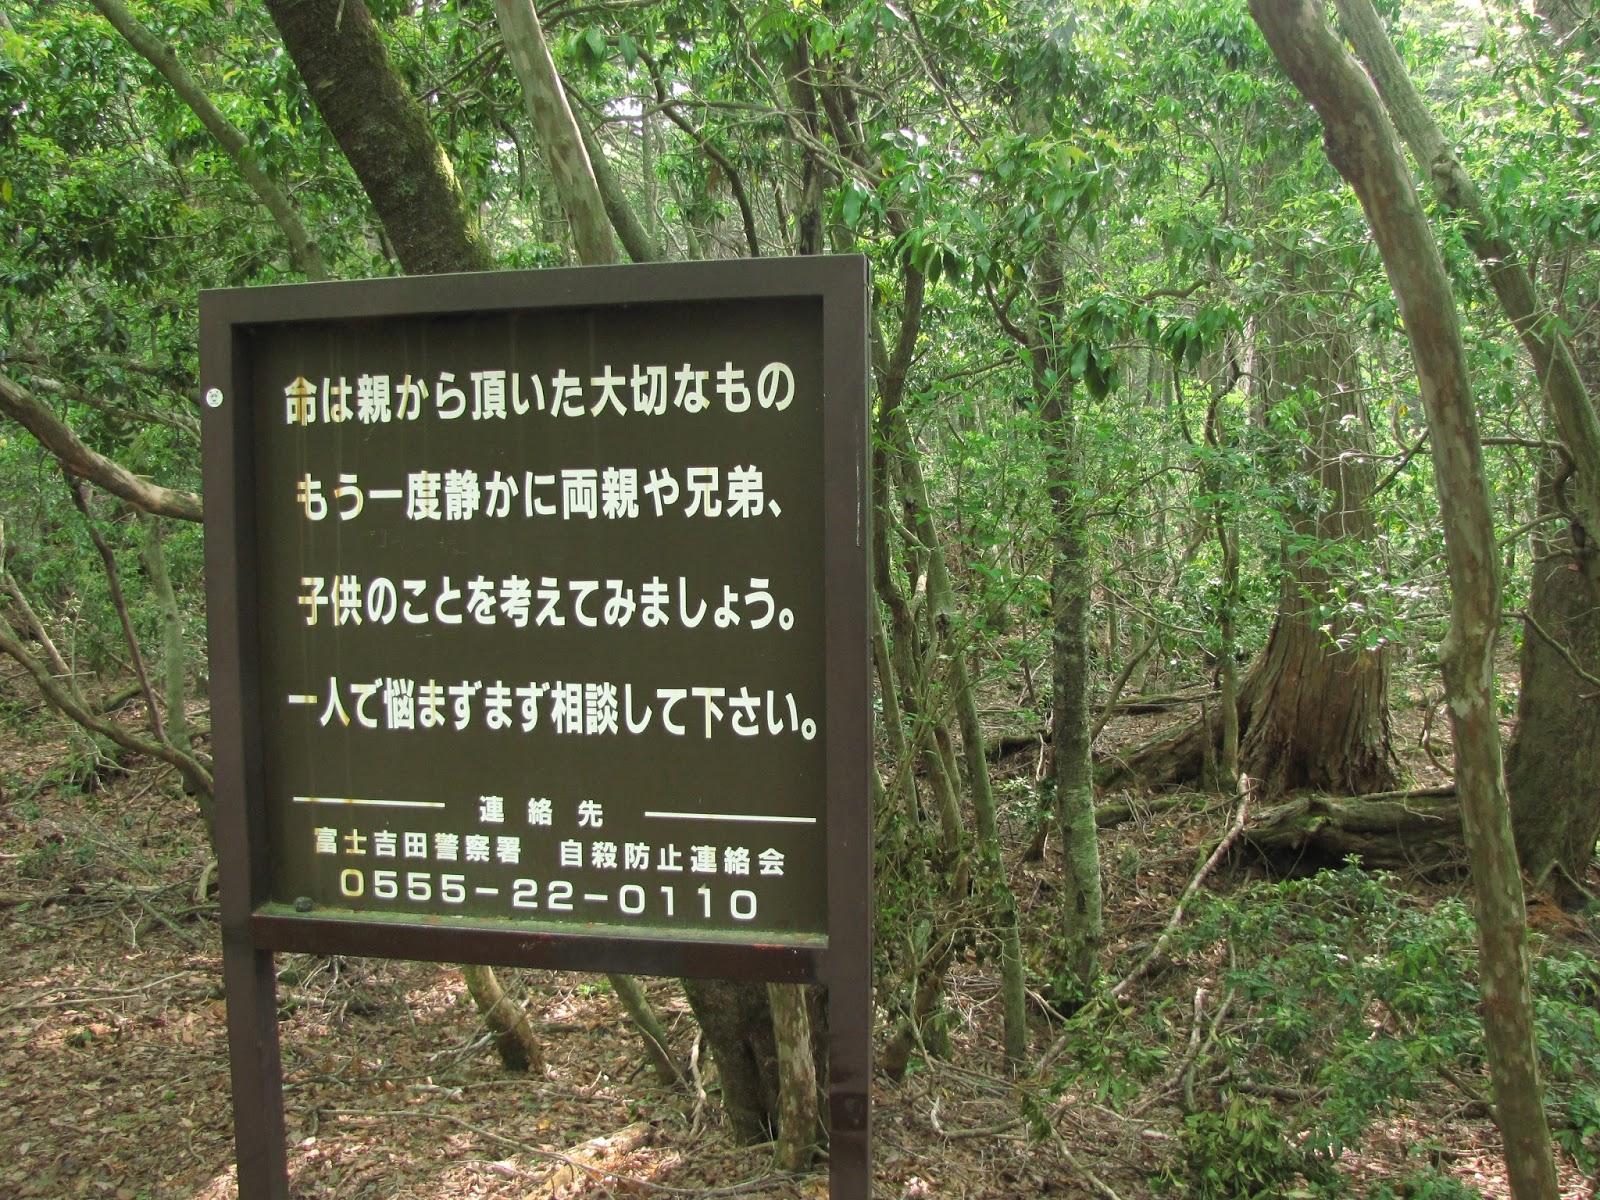 Berkunjung ke Hutan Aokigahara, Sensasi Seram yang Tak Terbayangkan image